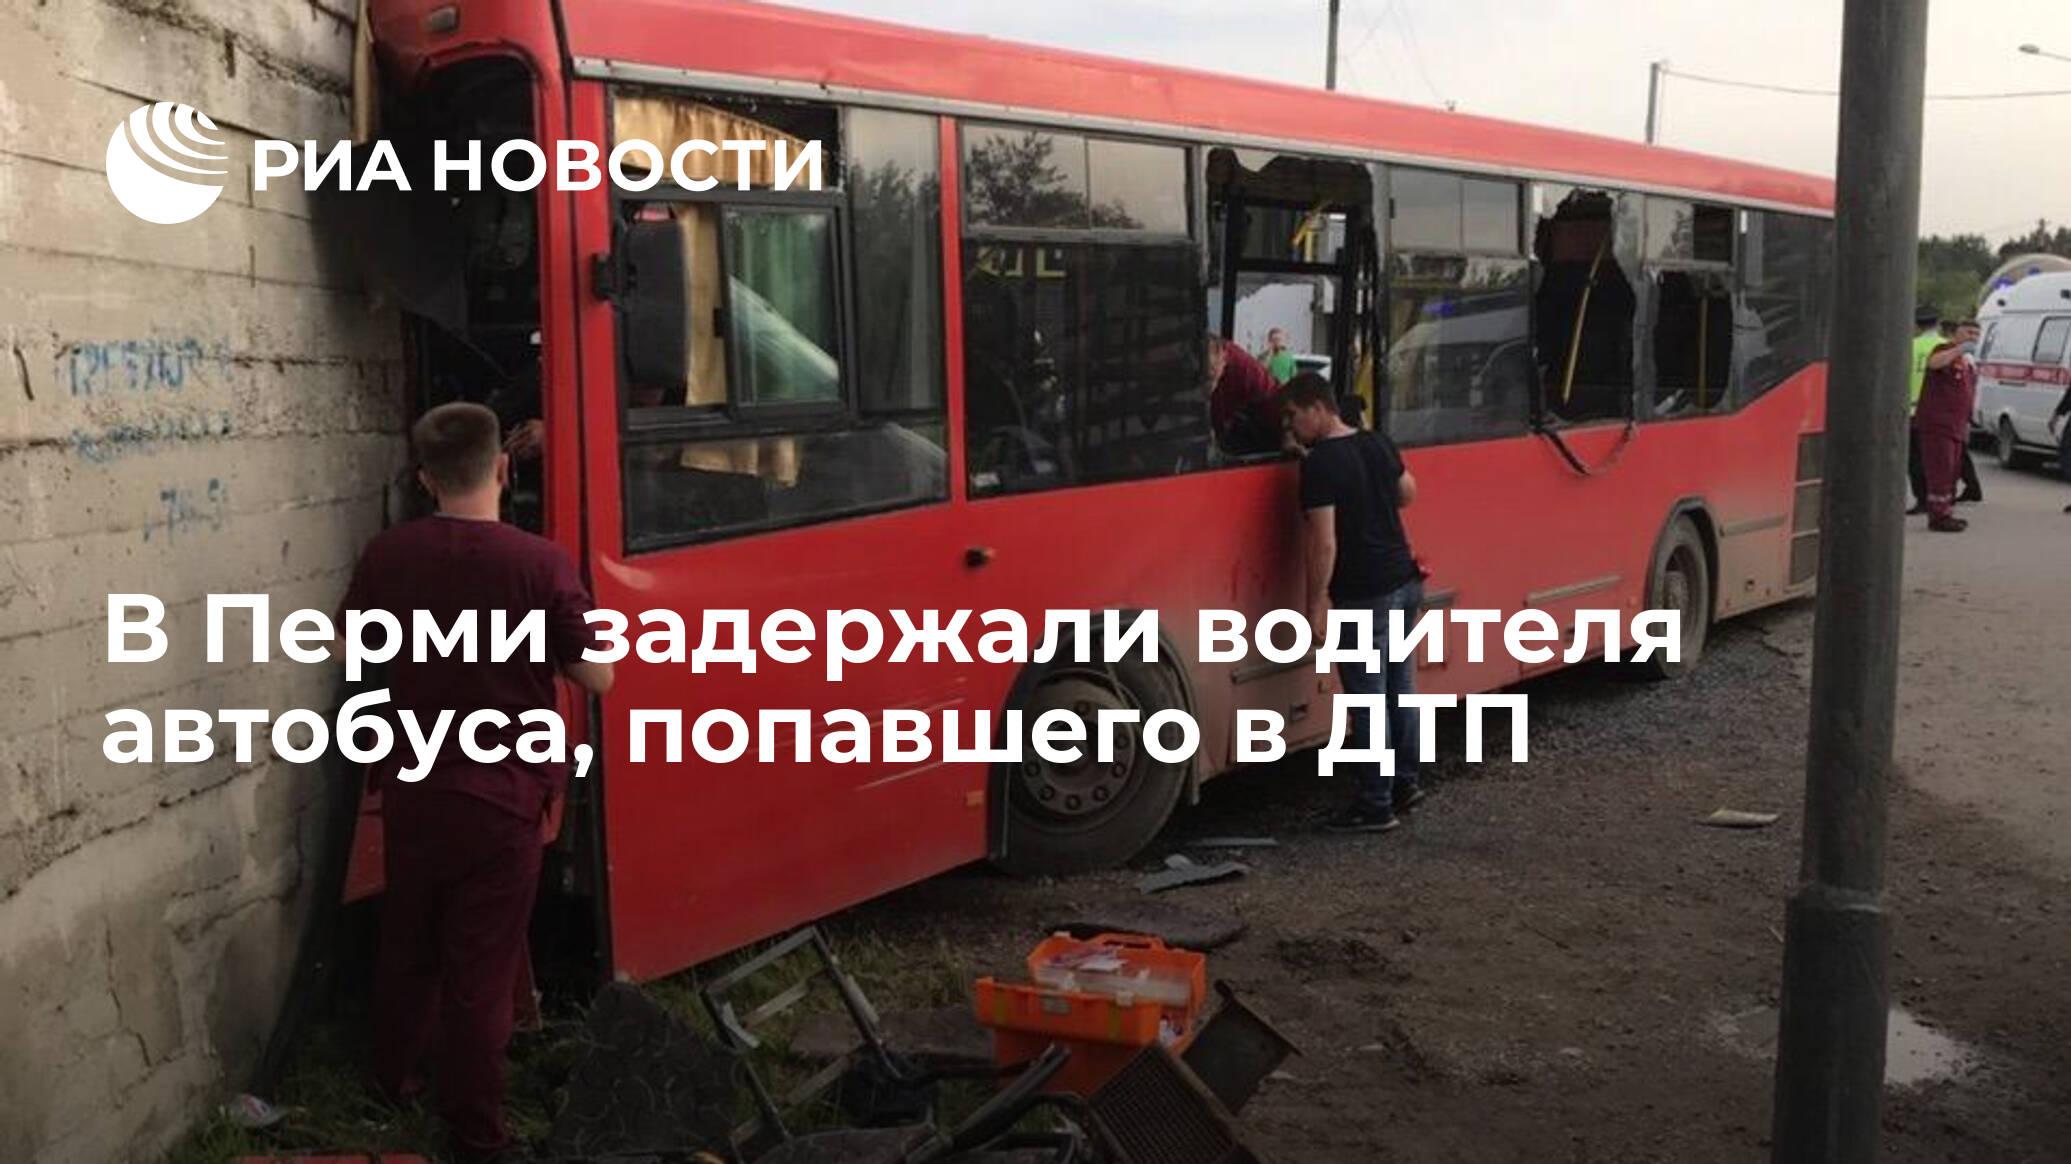 В Перми задержали водителя автобуса, попавшего в ДТП - РИА ...